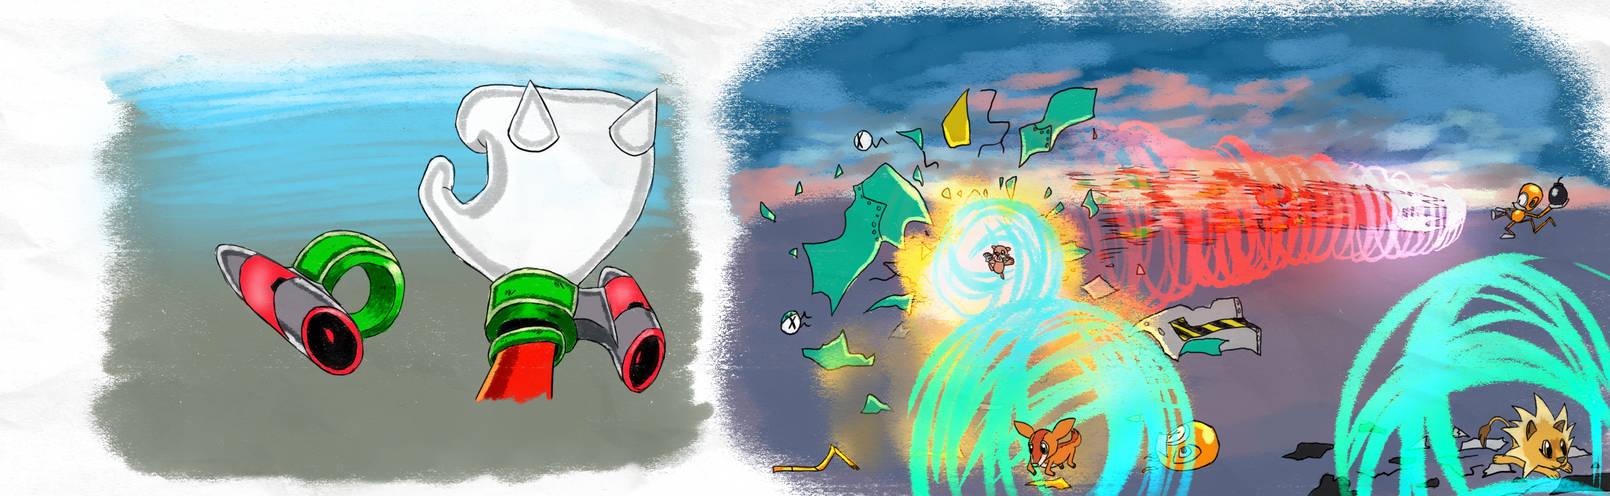 Thruster Cuffs - SA1 Remake Fan Concept Art